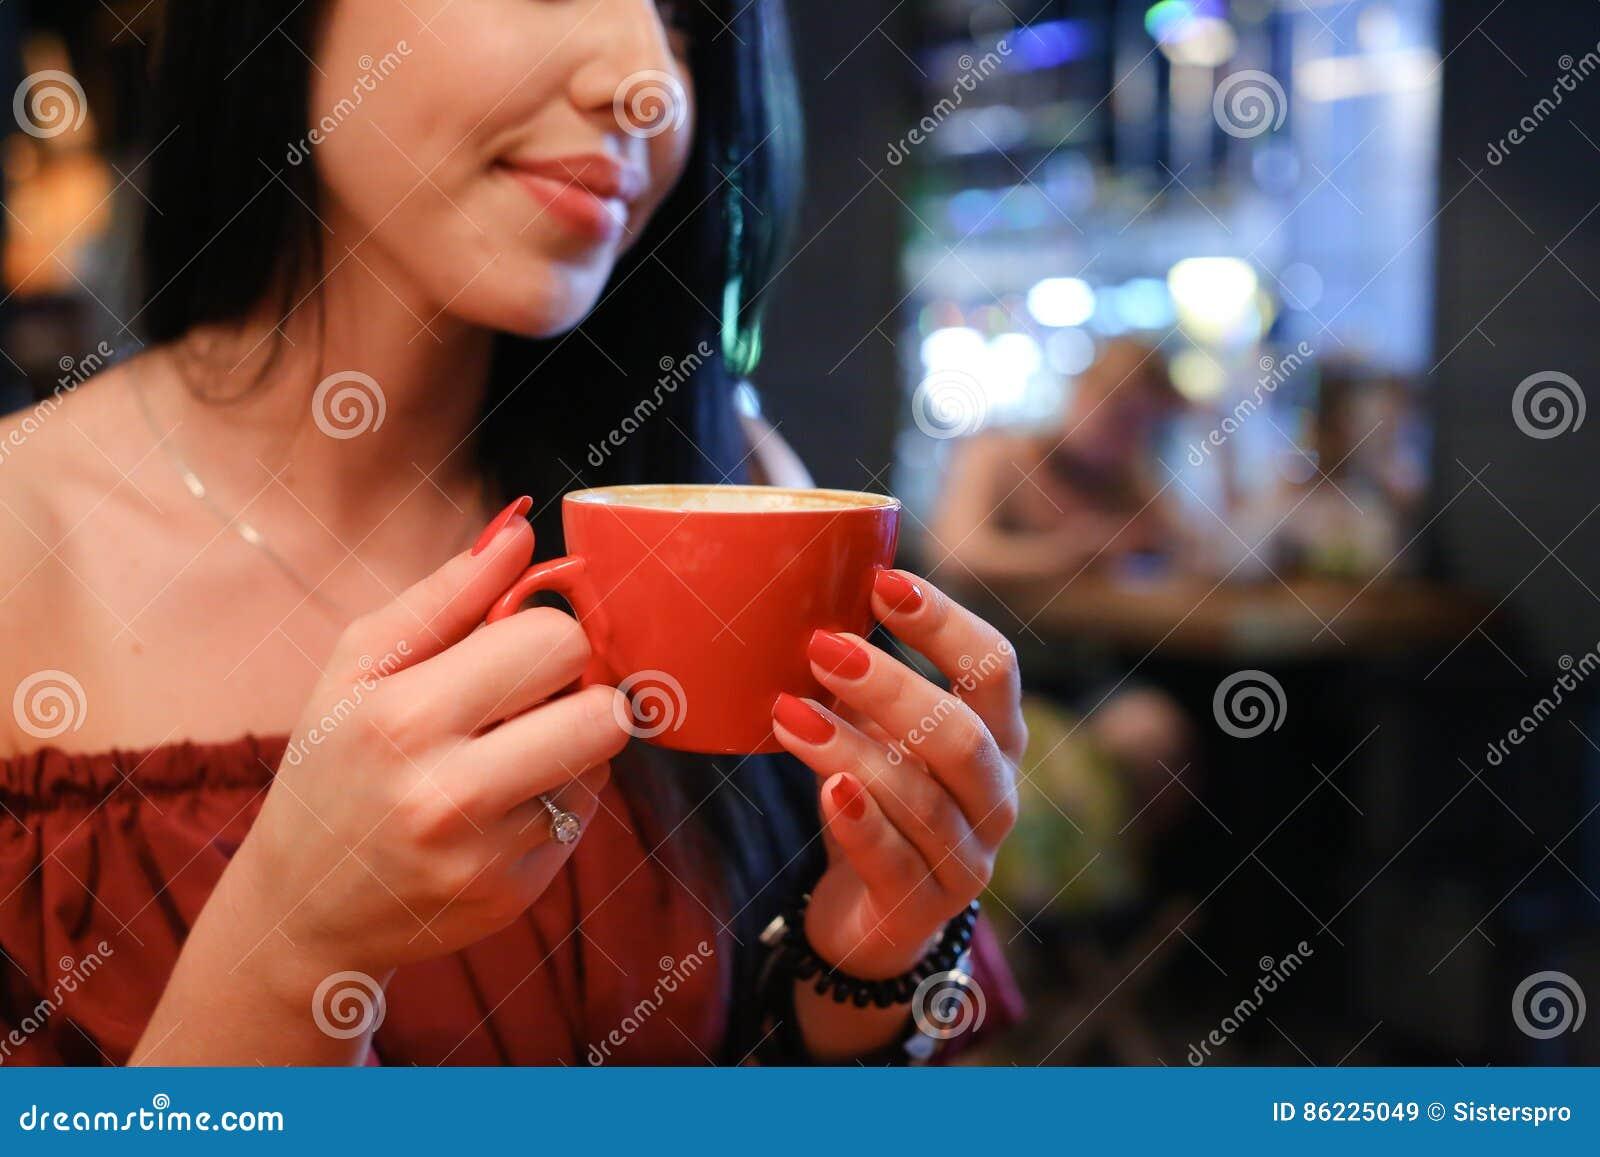 Довольно молодая женская женщина держит в чашке руки и выпивает кофе ag